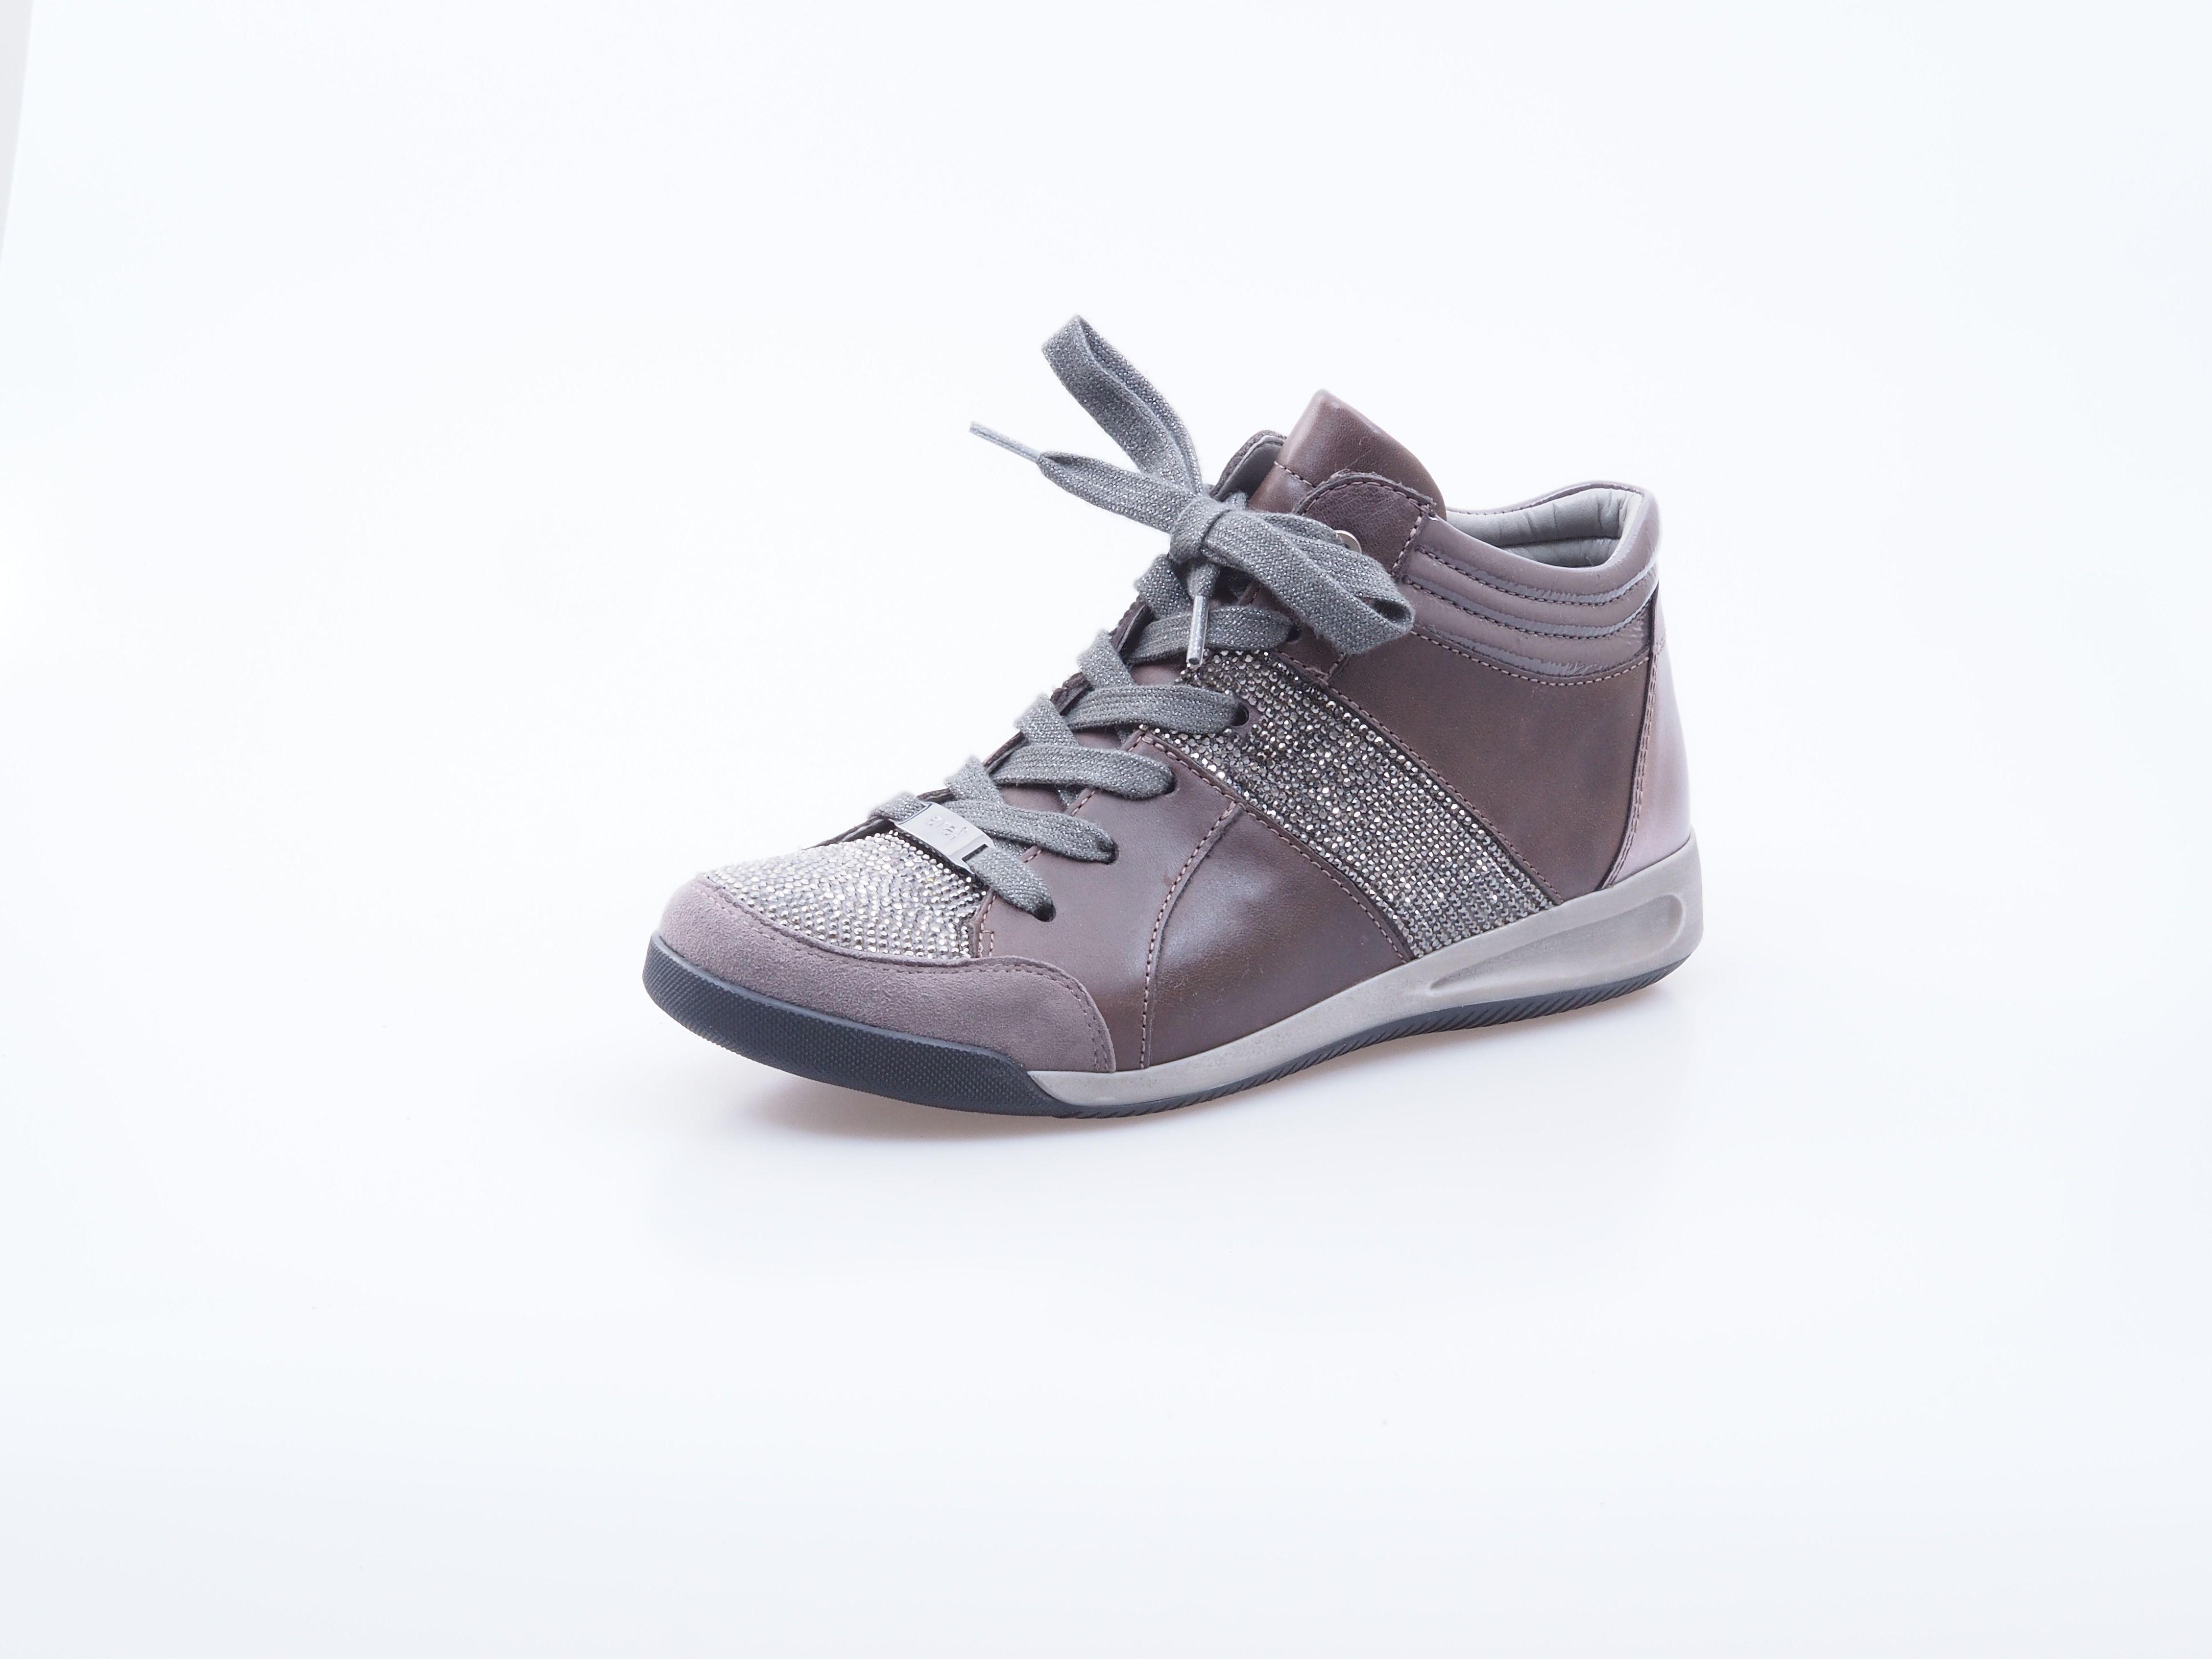 ebf6d957ddbe Soňa - Dámska obuv - Šnurovacia obuv - Dámska šnurovacia obuv